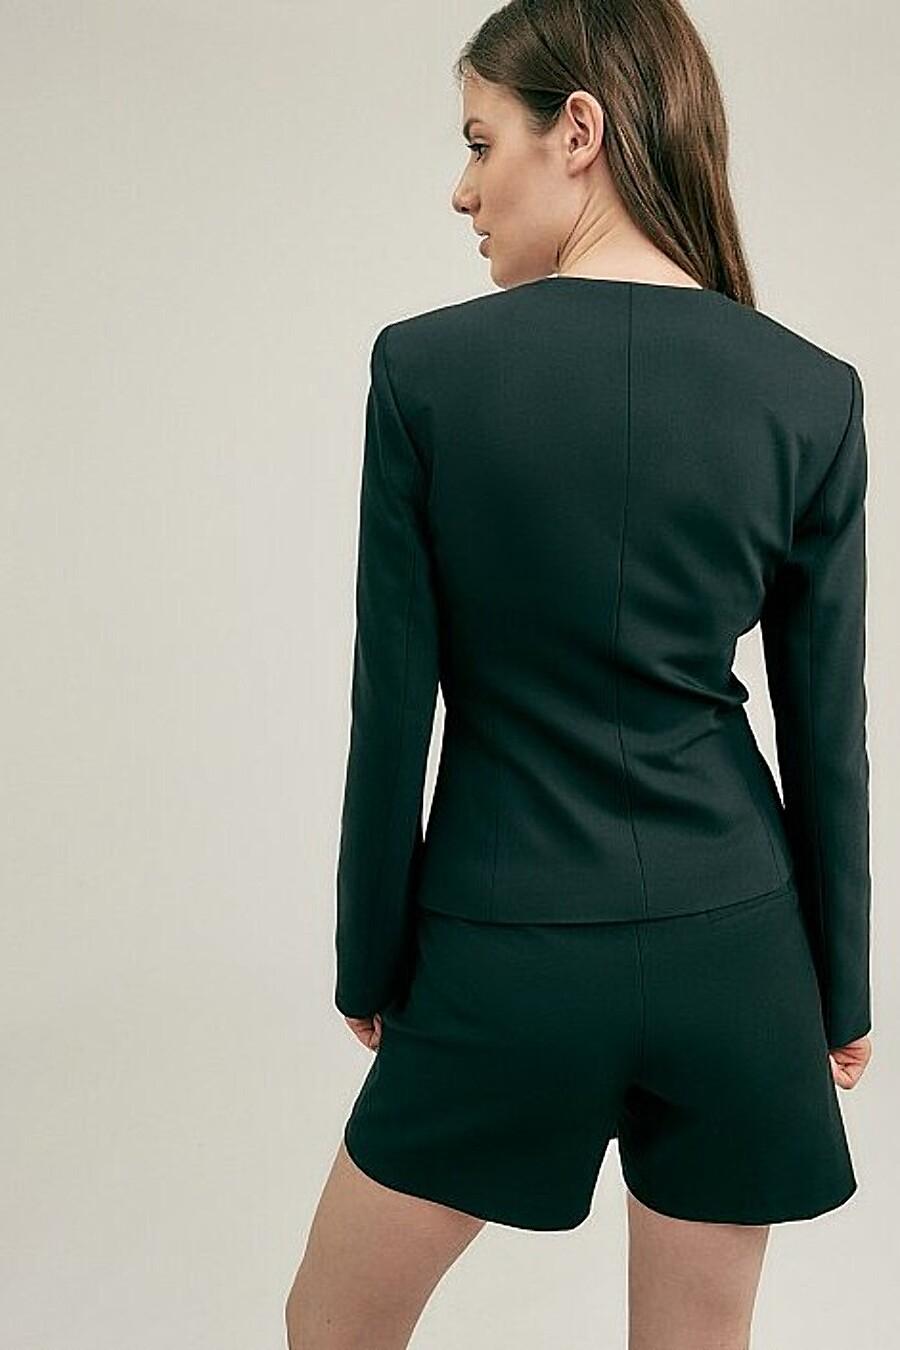 Жакет для женщин CALISTA 348440 купить оптом от производителя. Совместная покупка женской одежды в OptMoyo